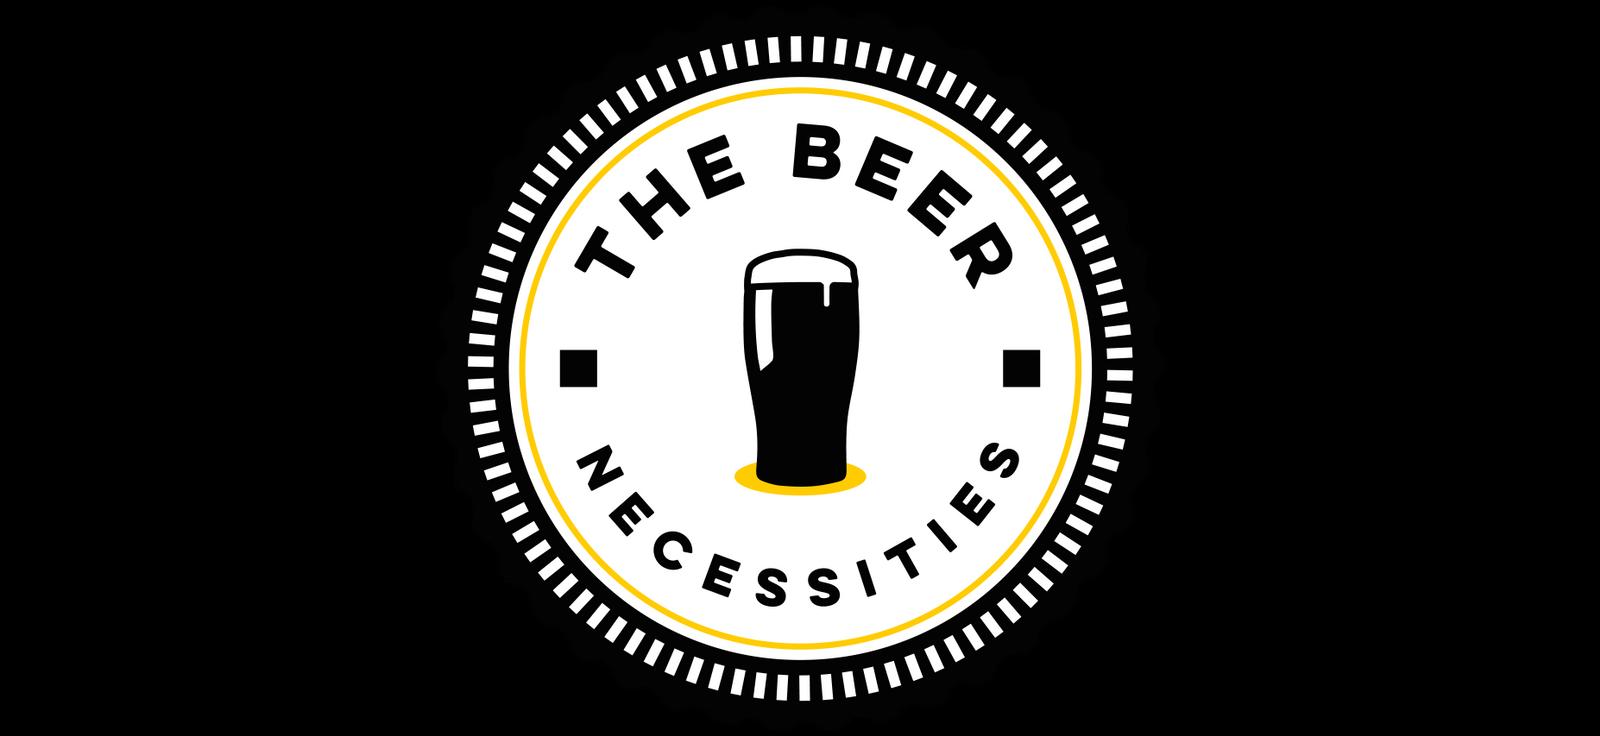 The Beer Necessities logo